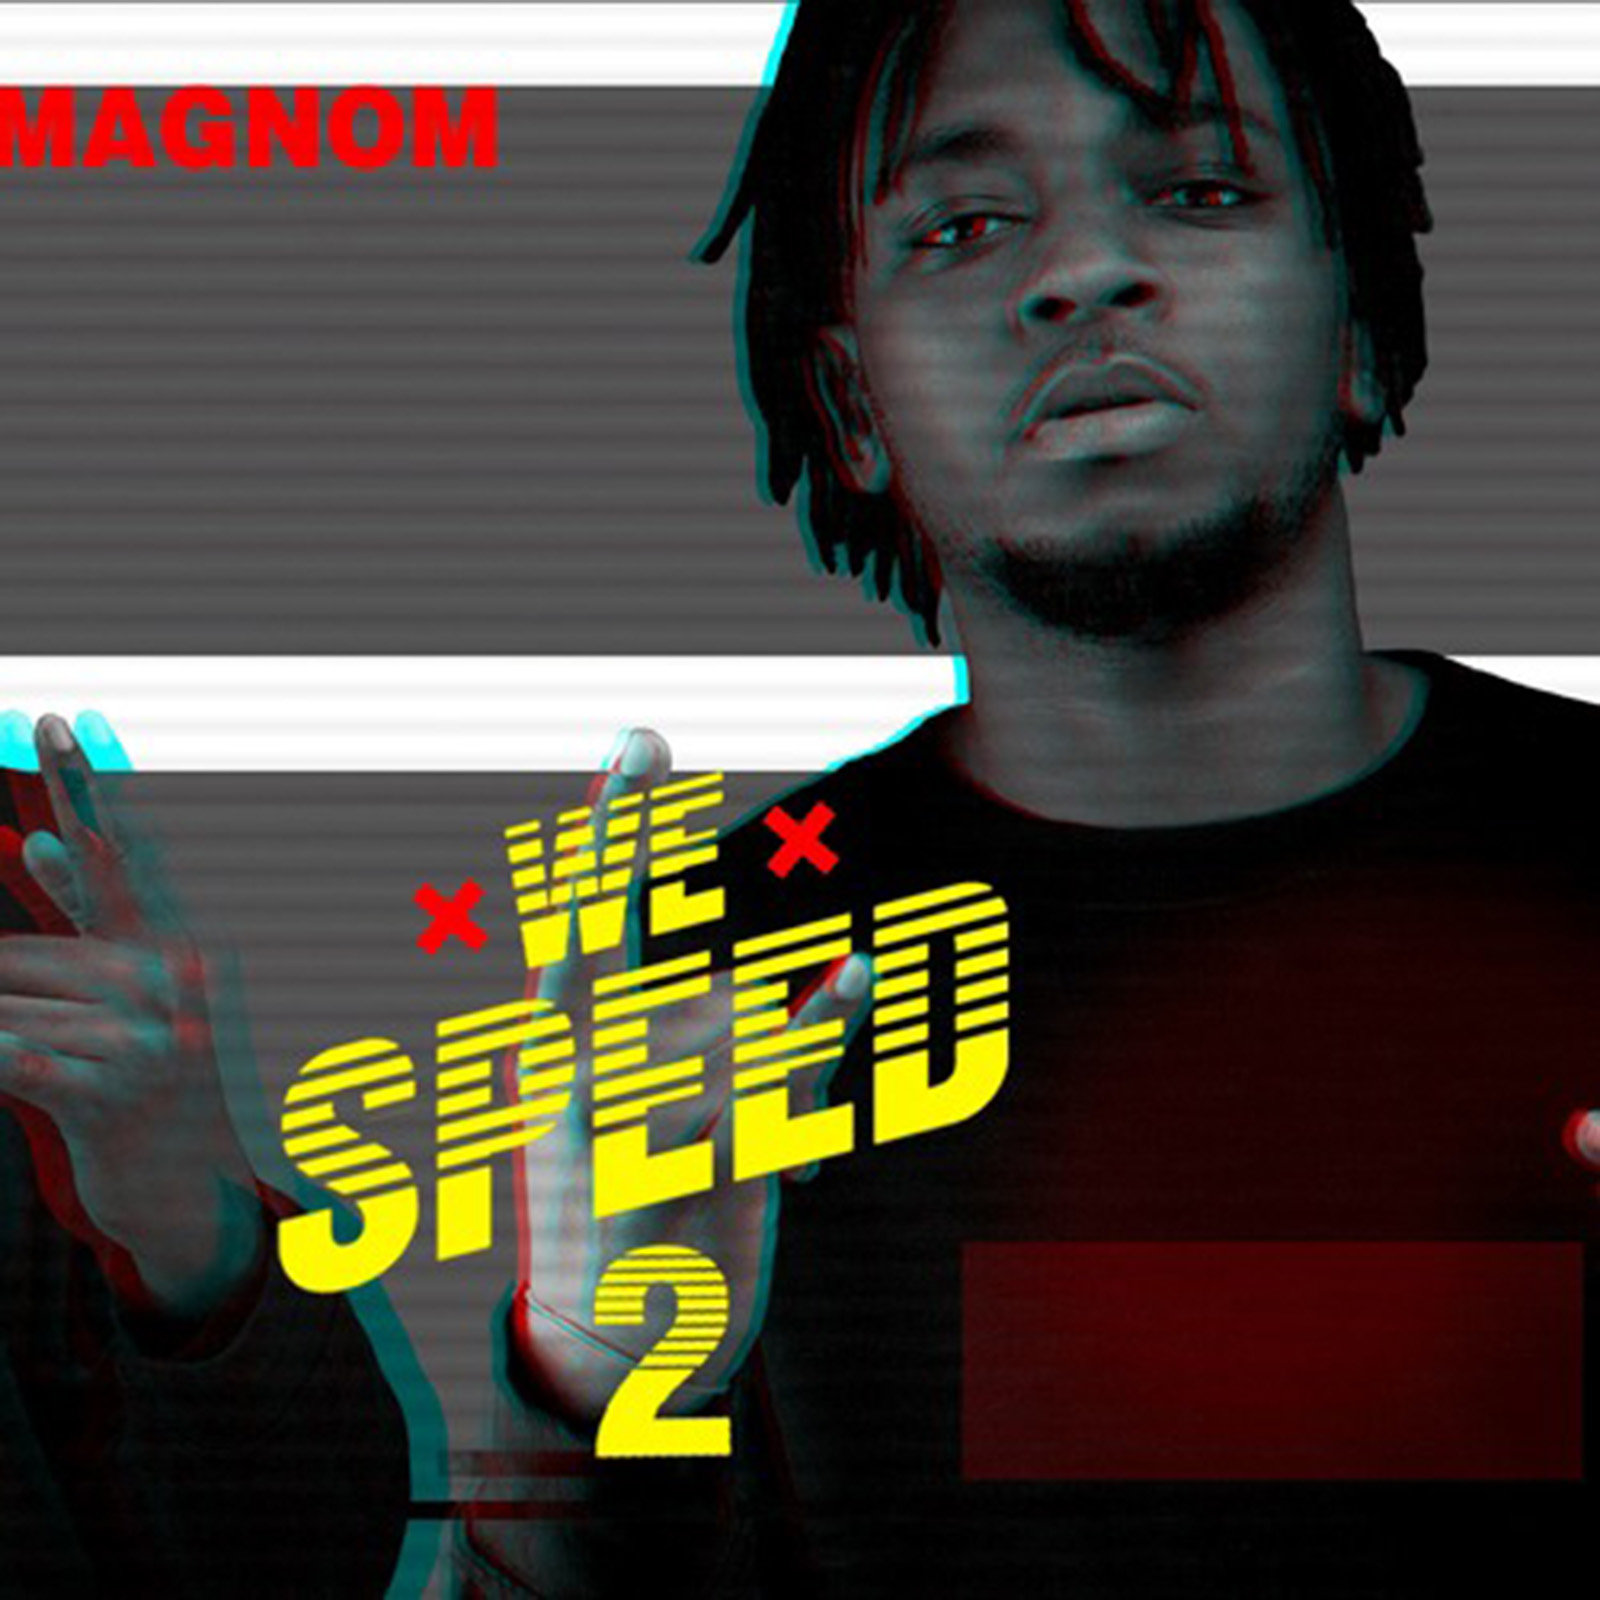 We Speed 2 Album by Magnom